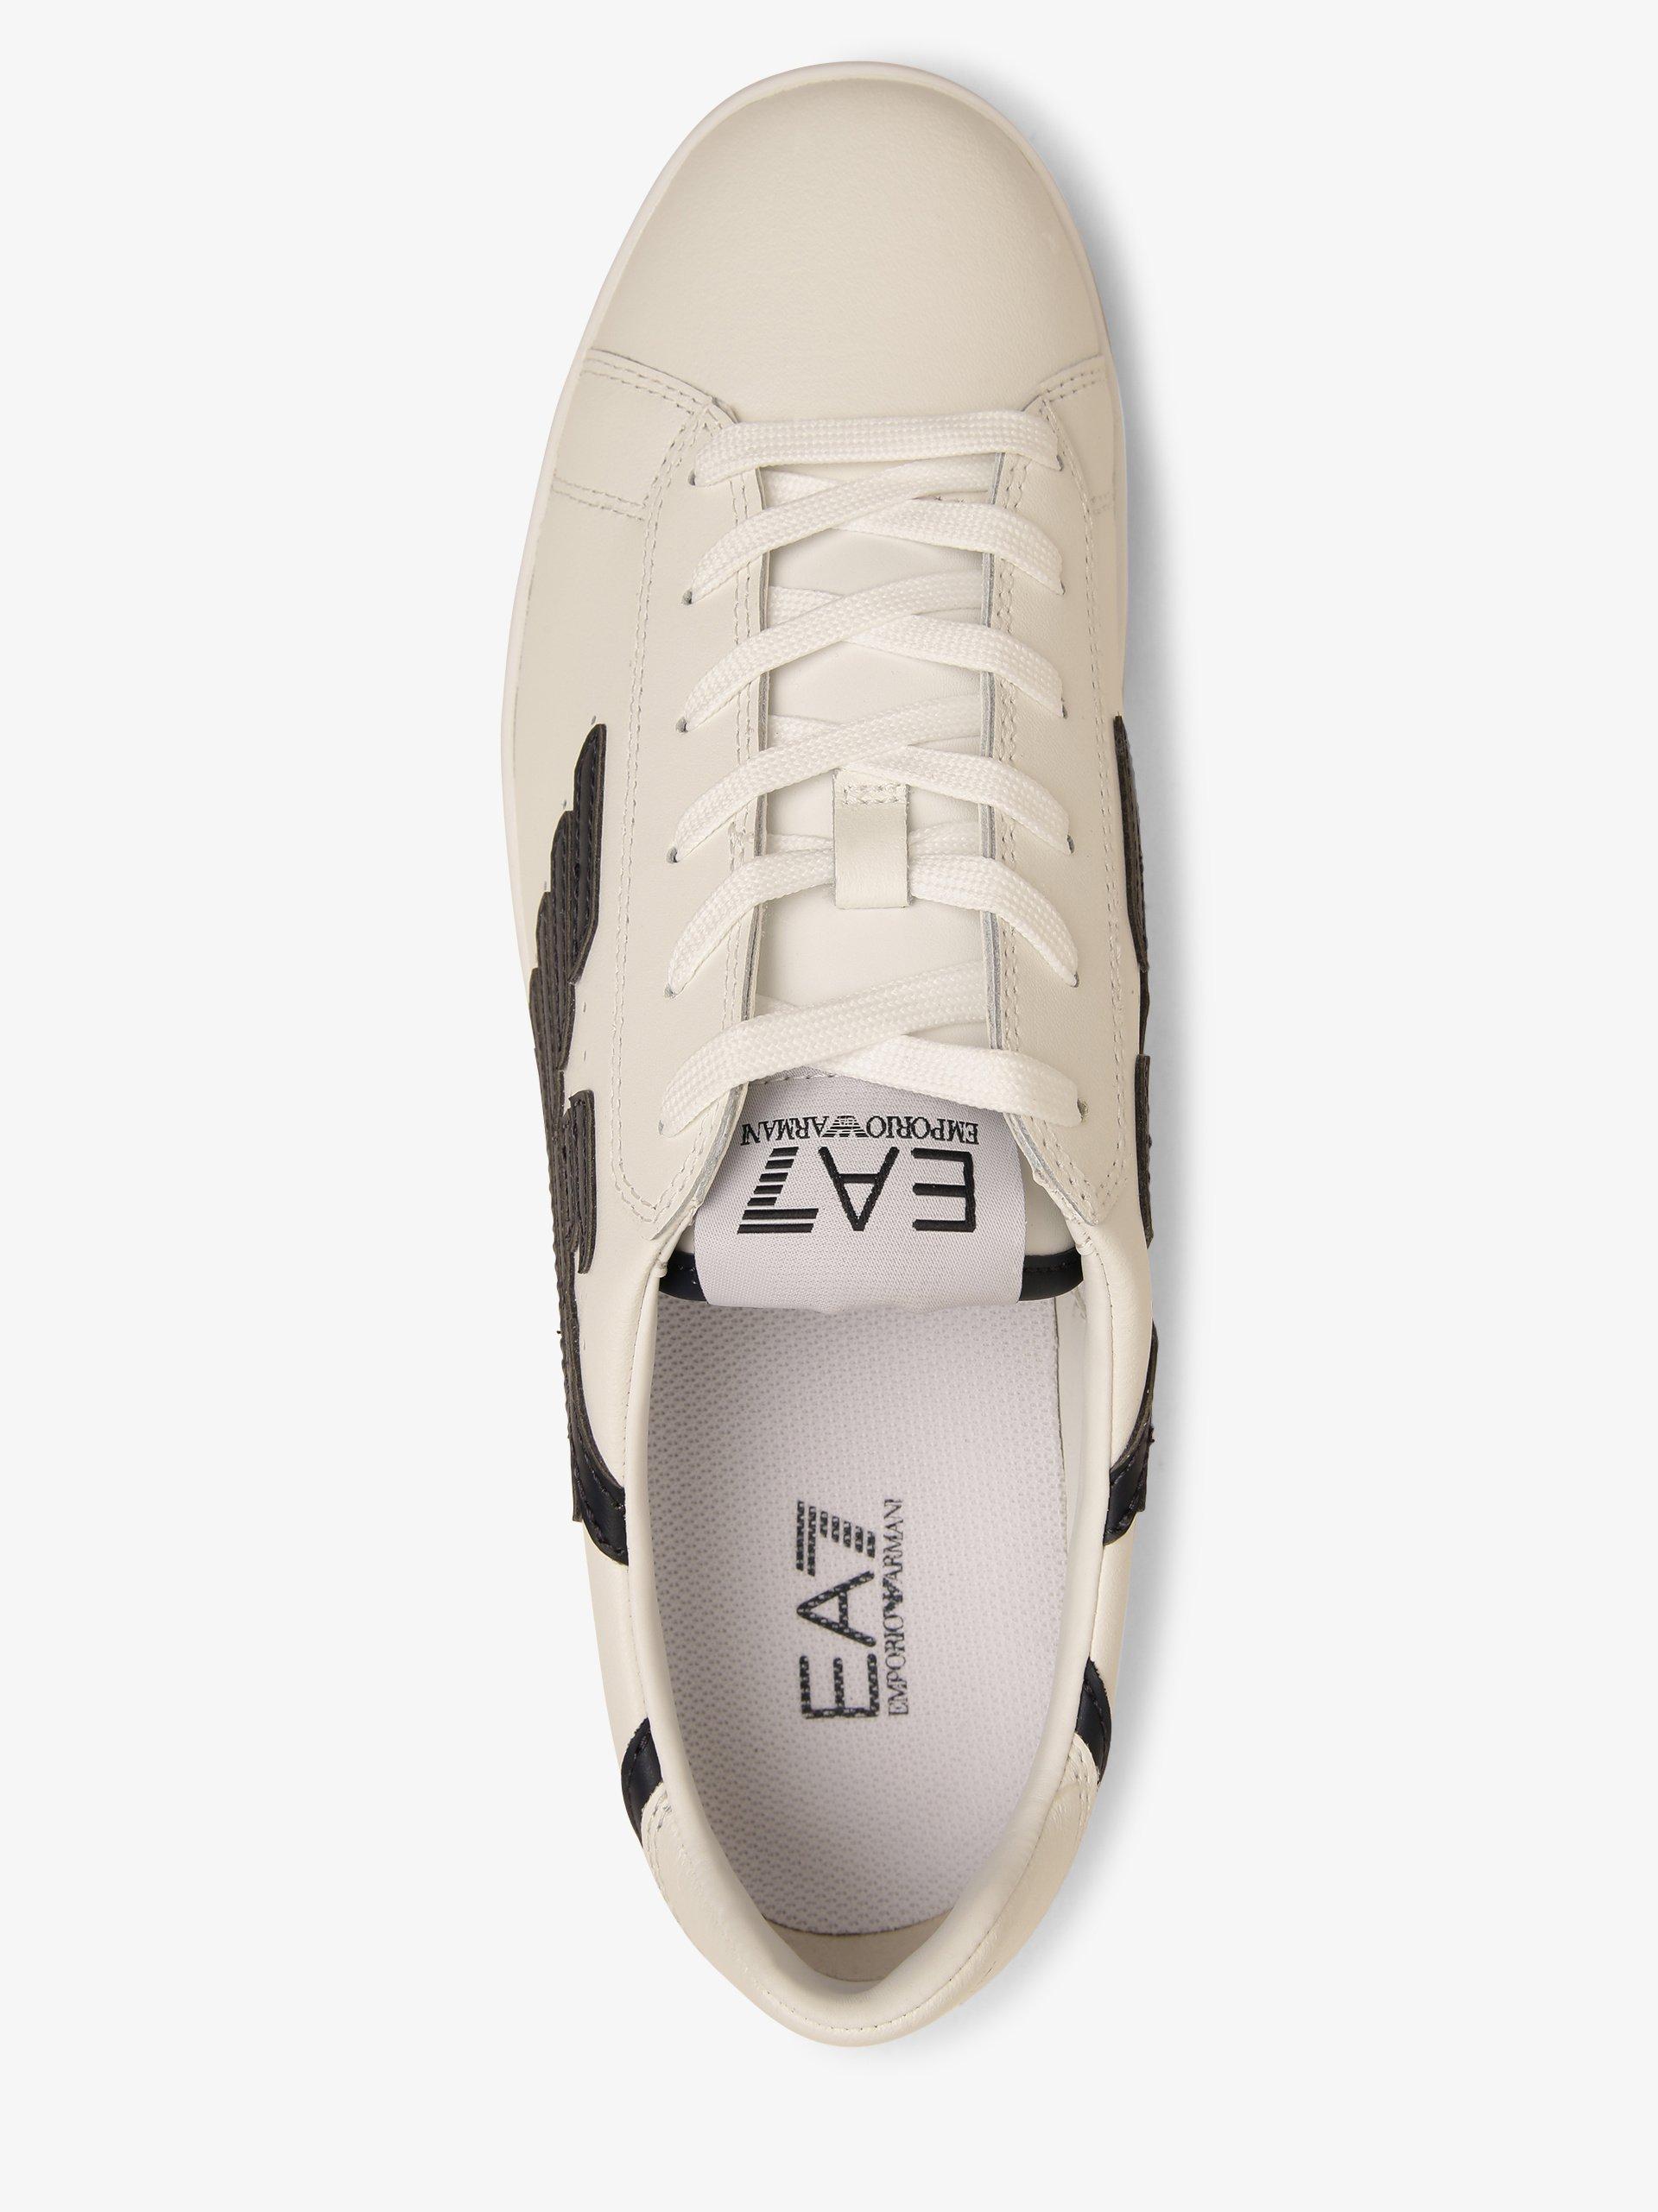 EA7 Emporio Armani Męskie tenisówki ze skóry